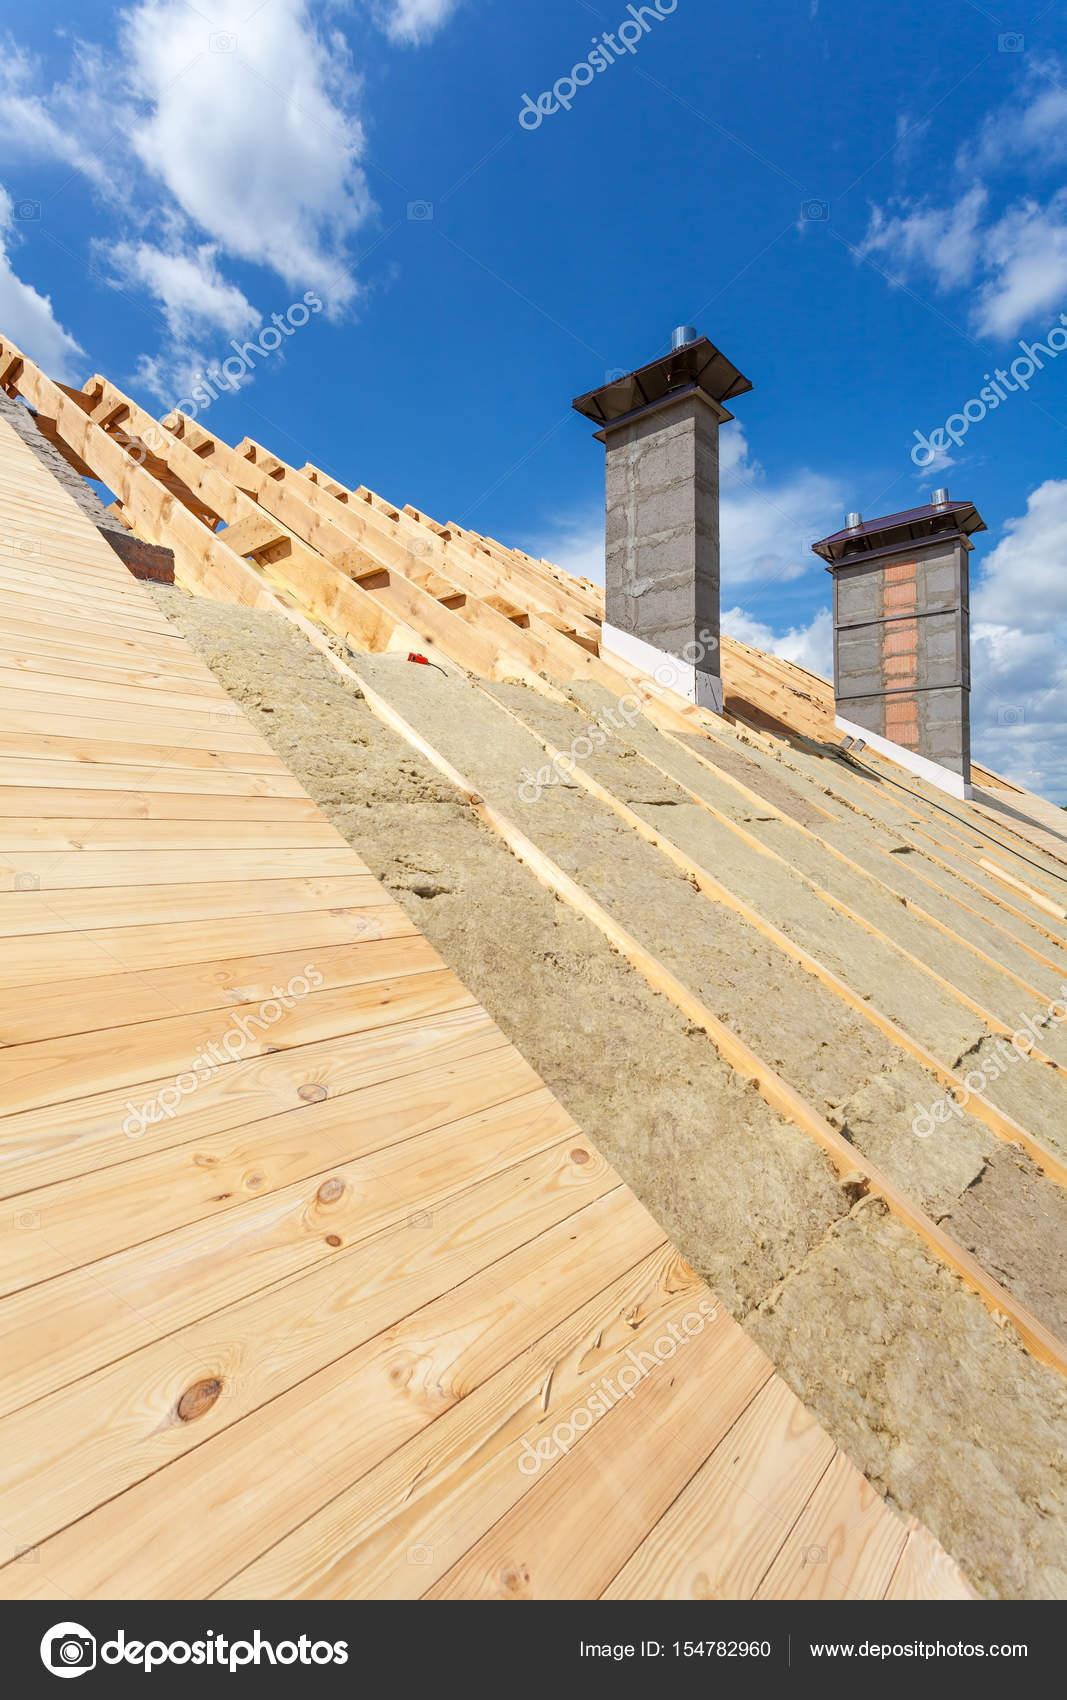 Aislamiento de la azotea. Casa de madera nueva en construcción con ...